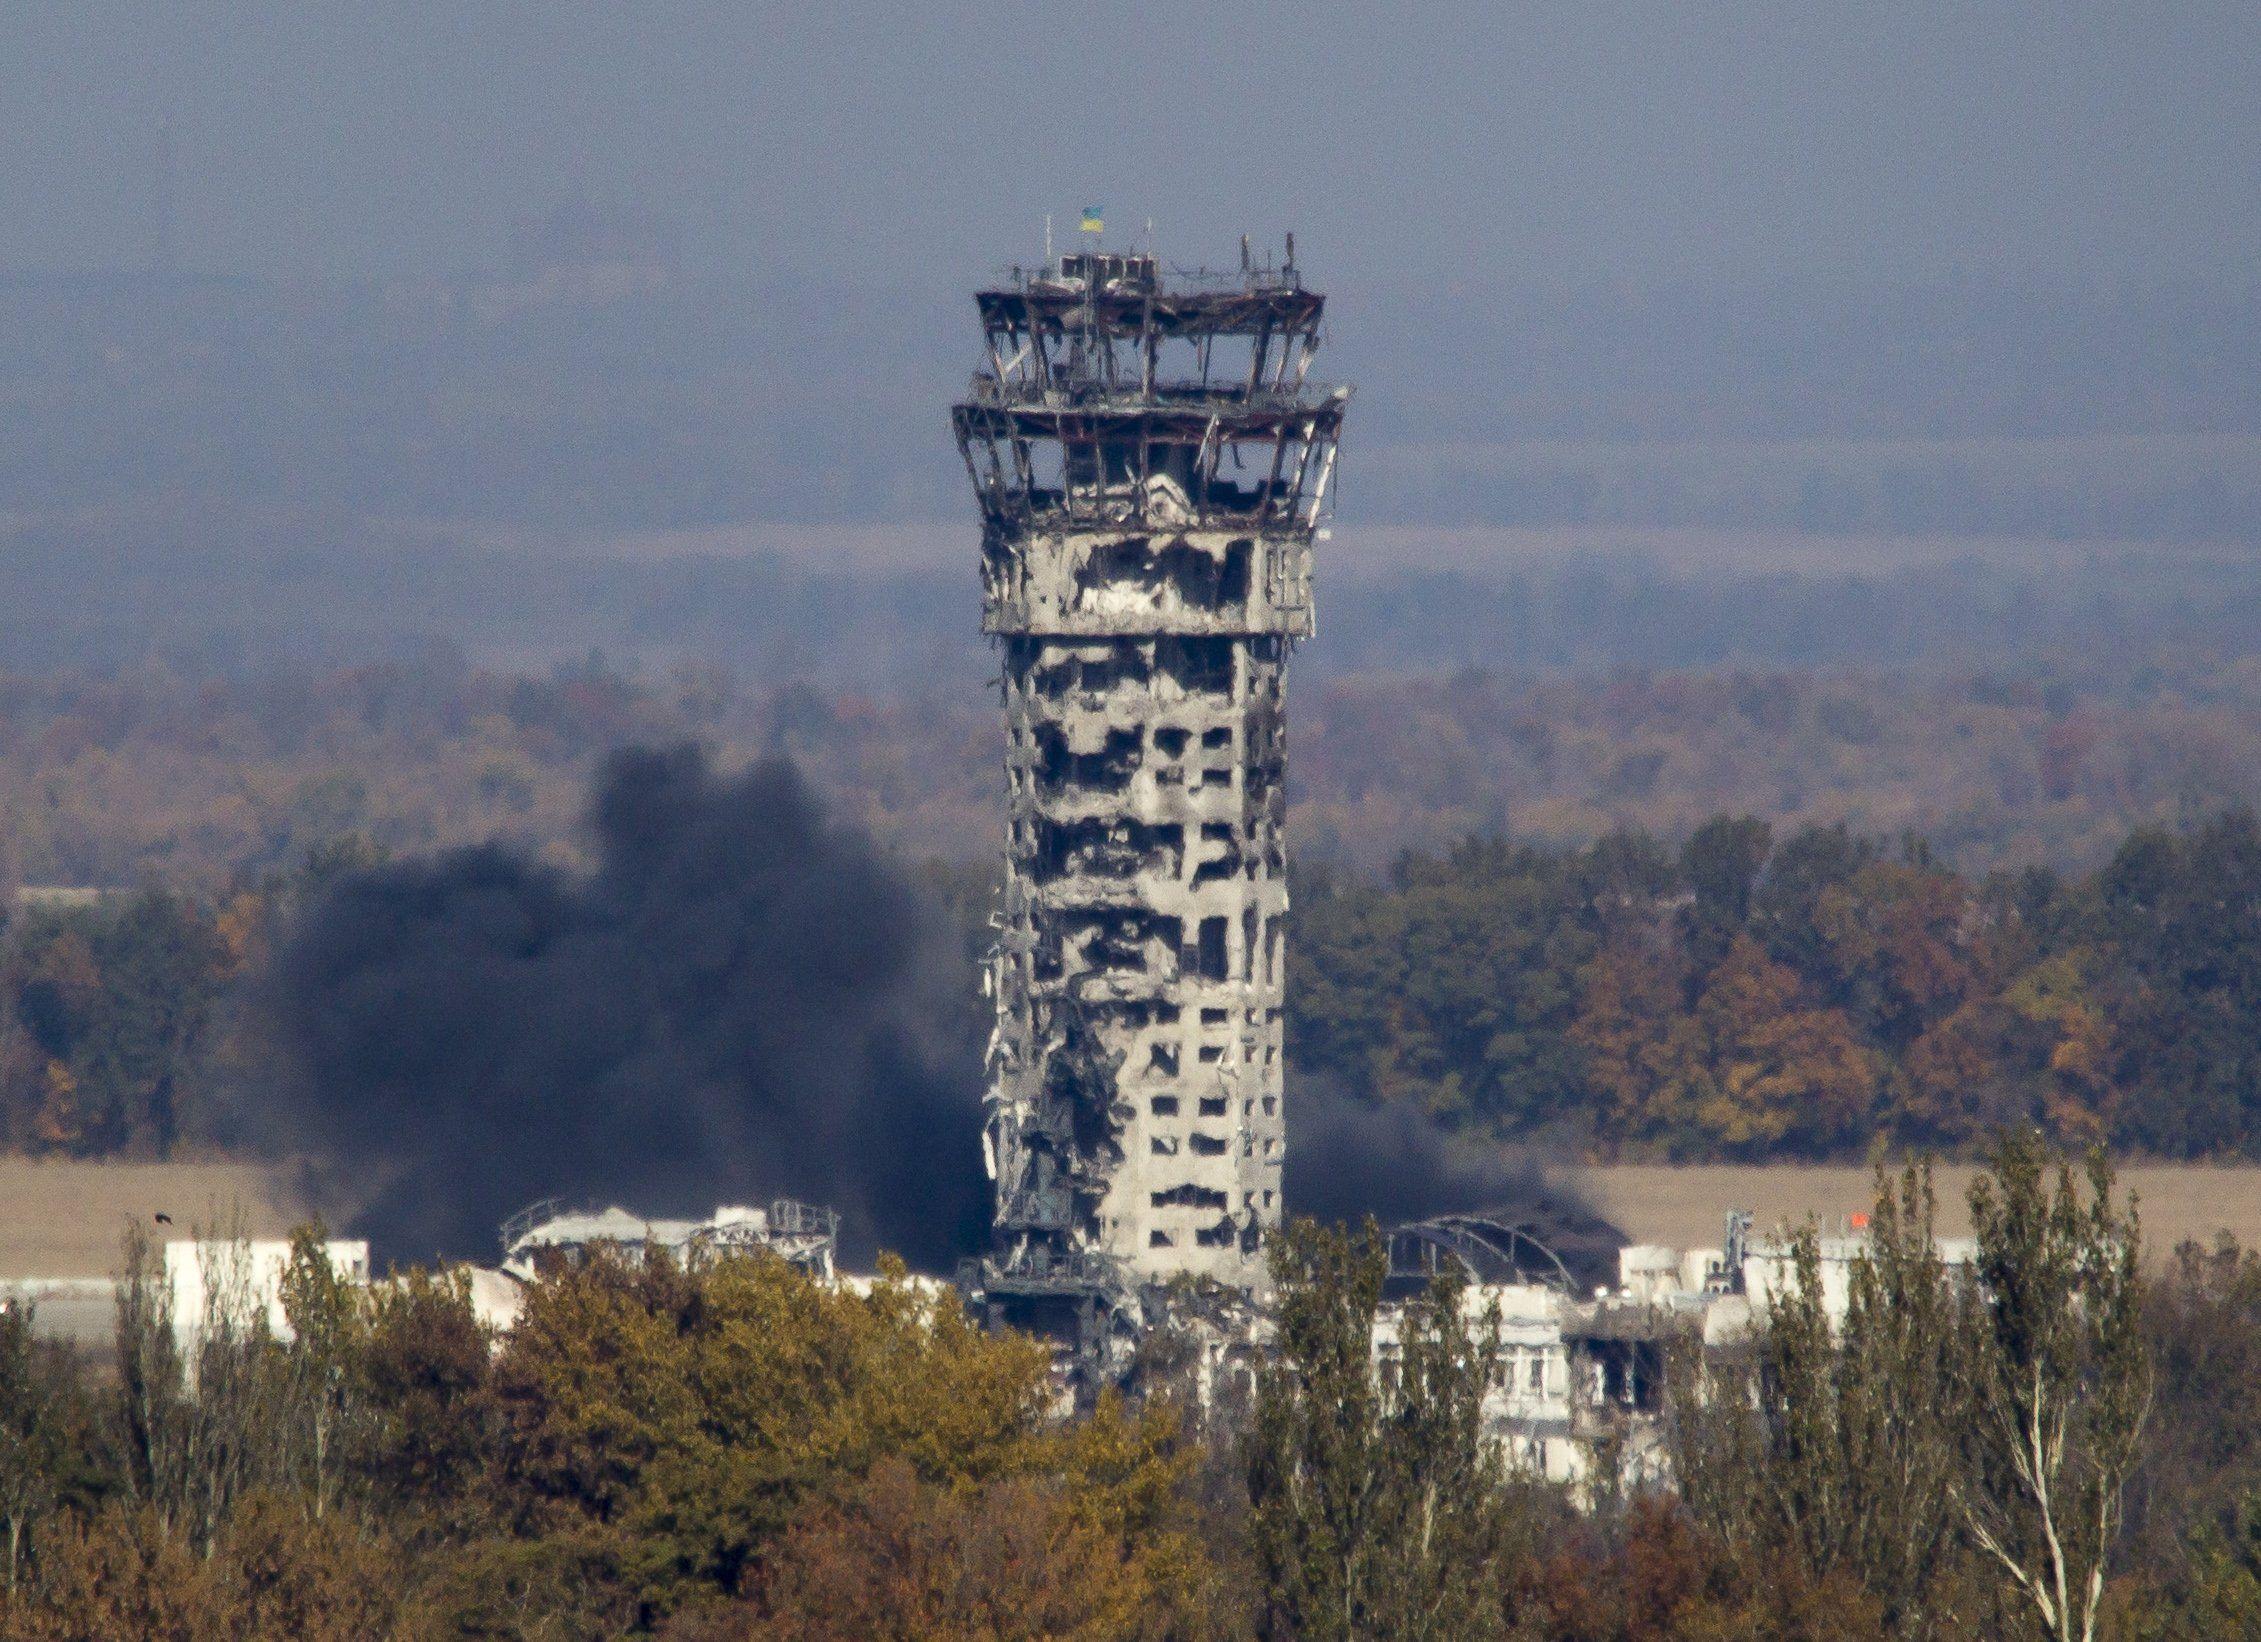 Диспетчерская башня аэропорта в Донецке